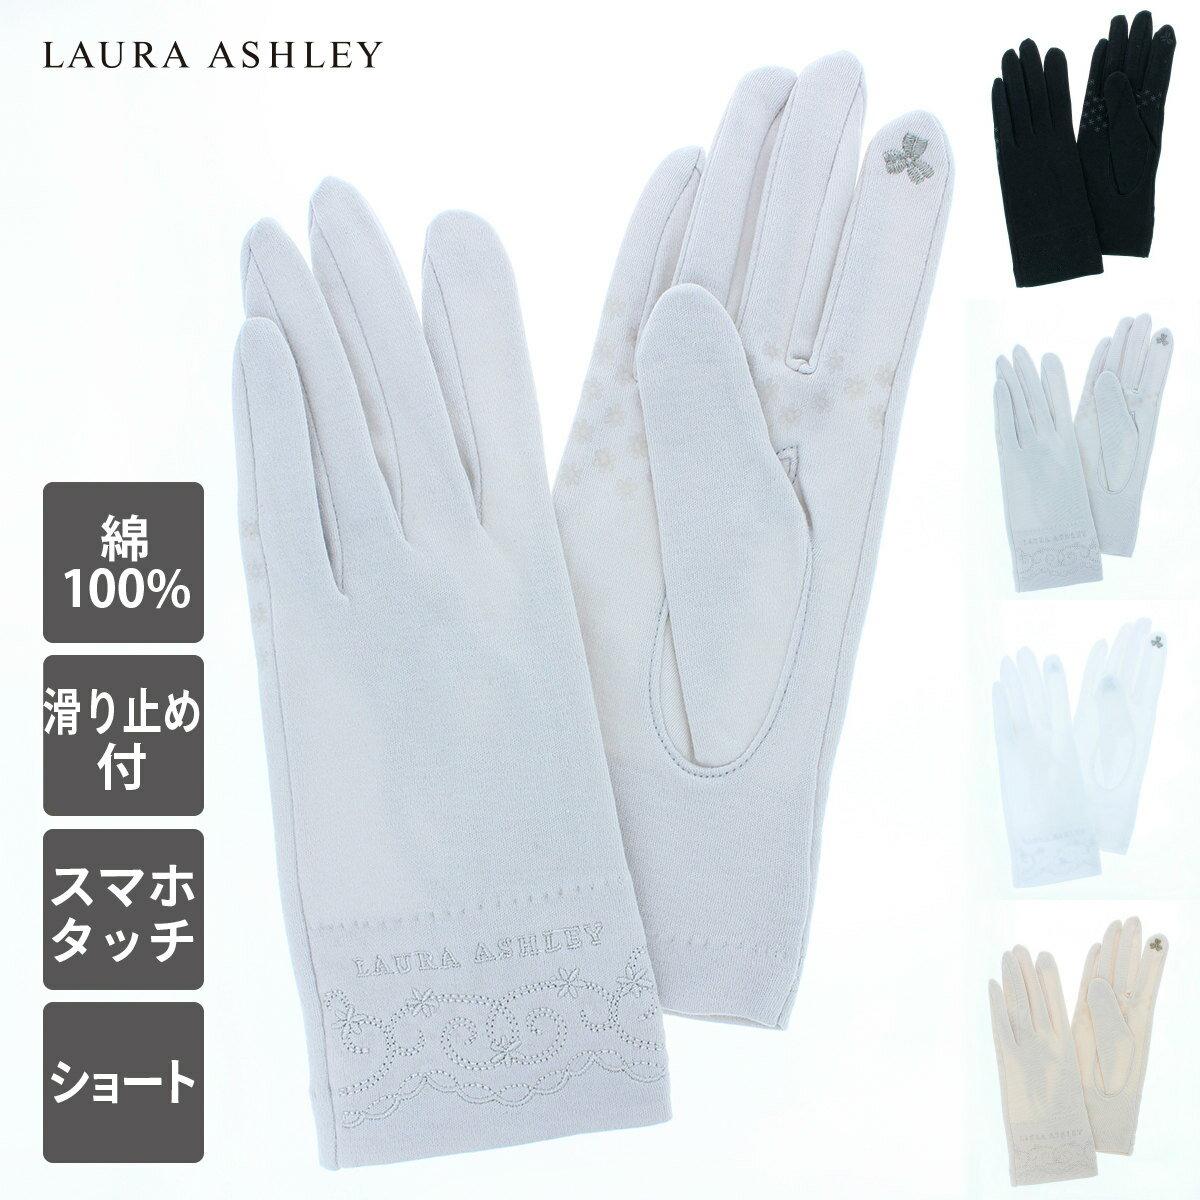 LAURA ASHLLEY ローラ アシュレイ UVカット UV手袋   てぶくろ ギフト プレゼント ショート 23cm タッチパネル対応 五本指 すべり止め付 綿100%